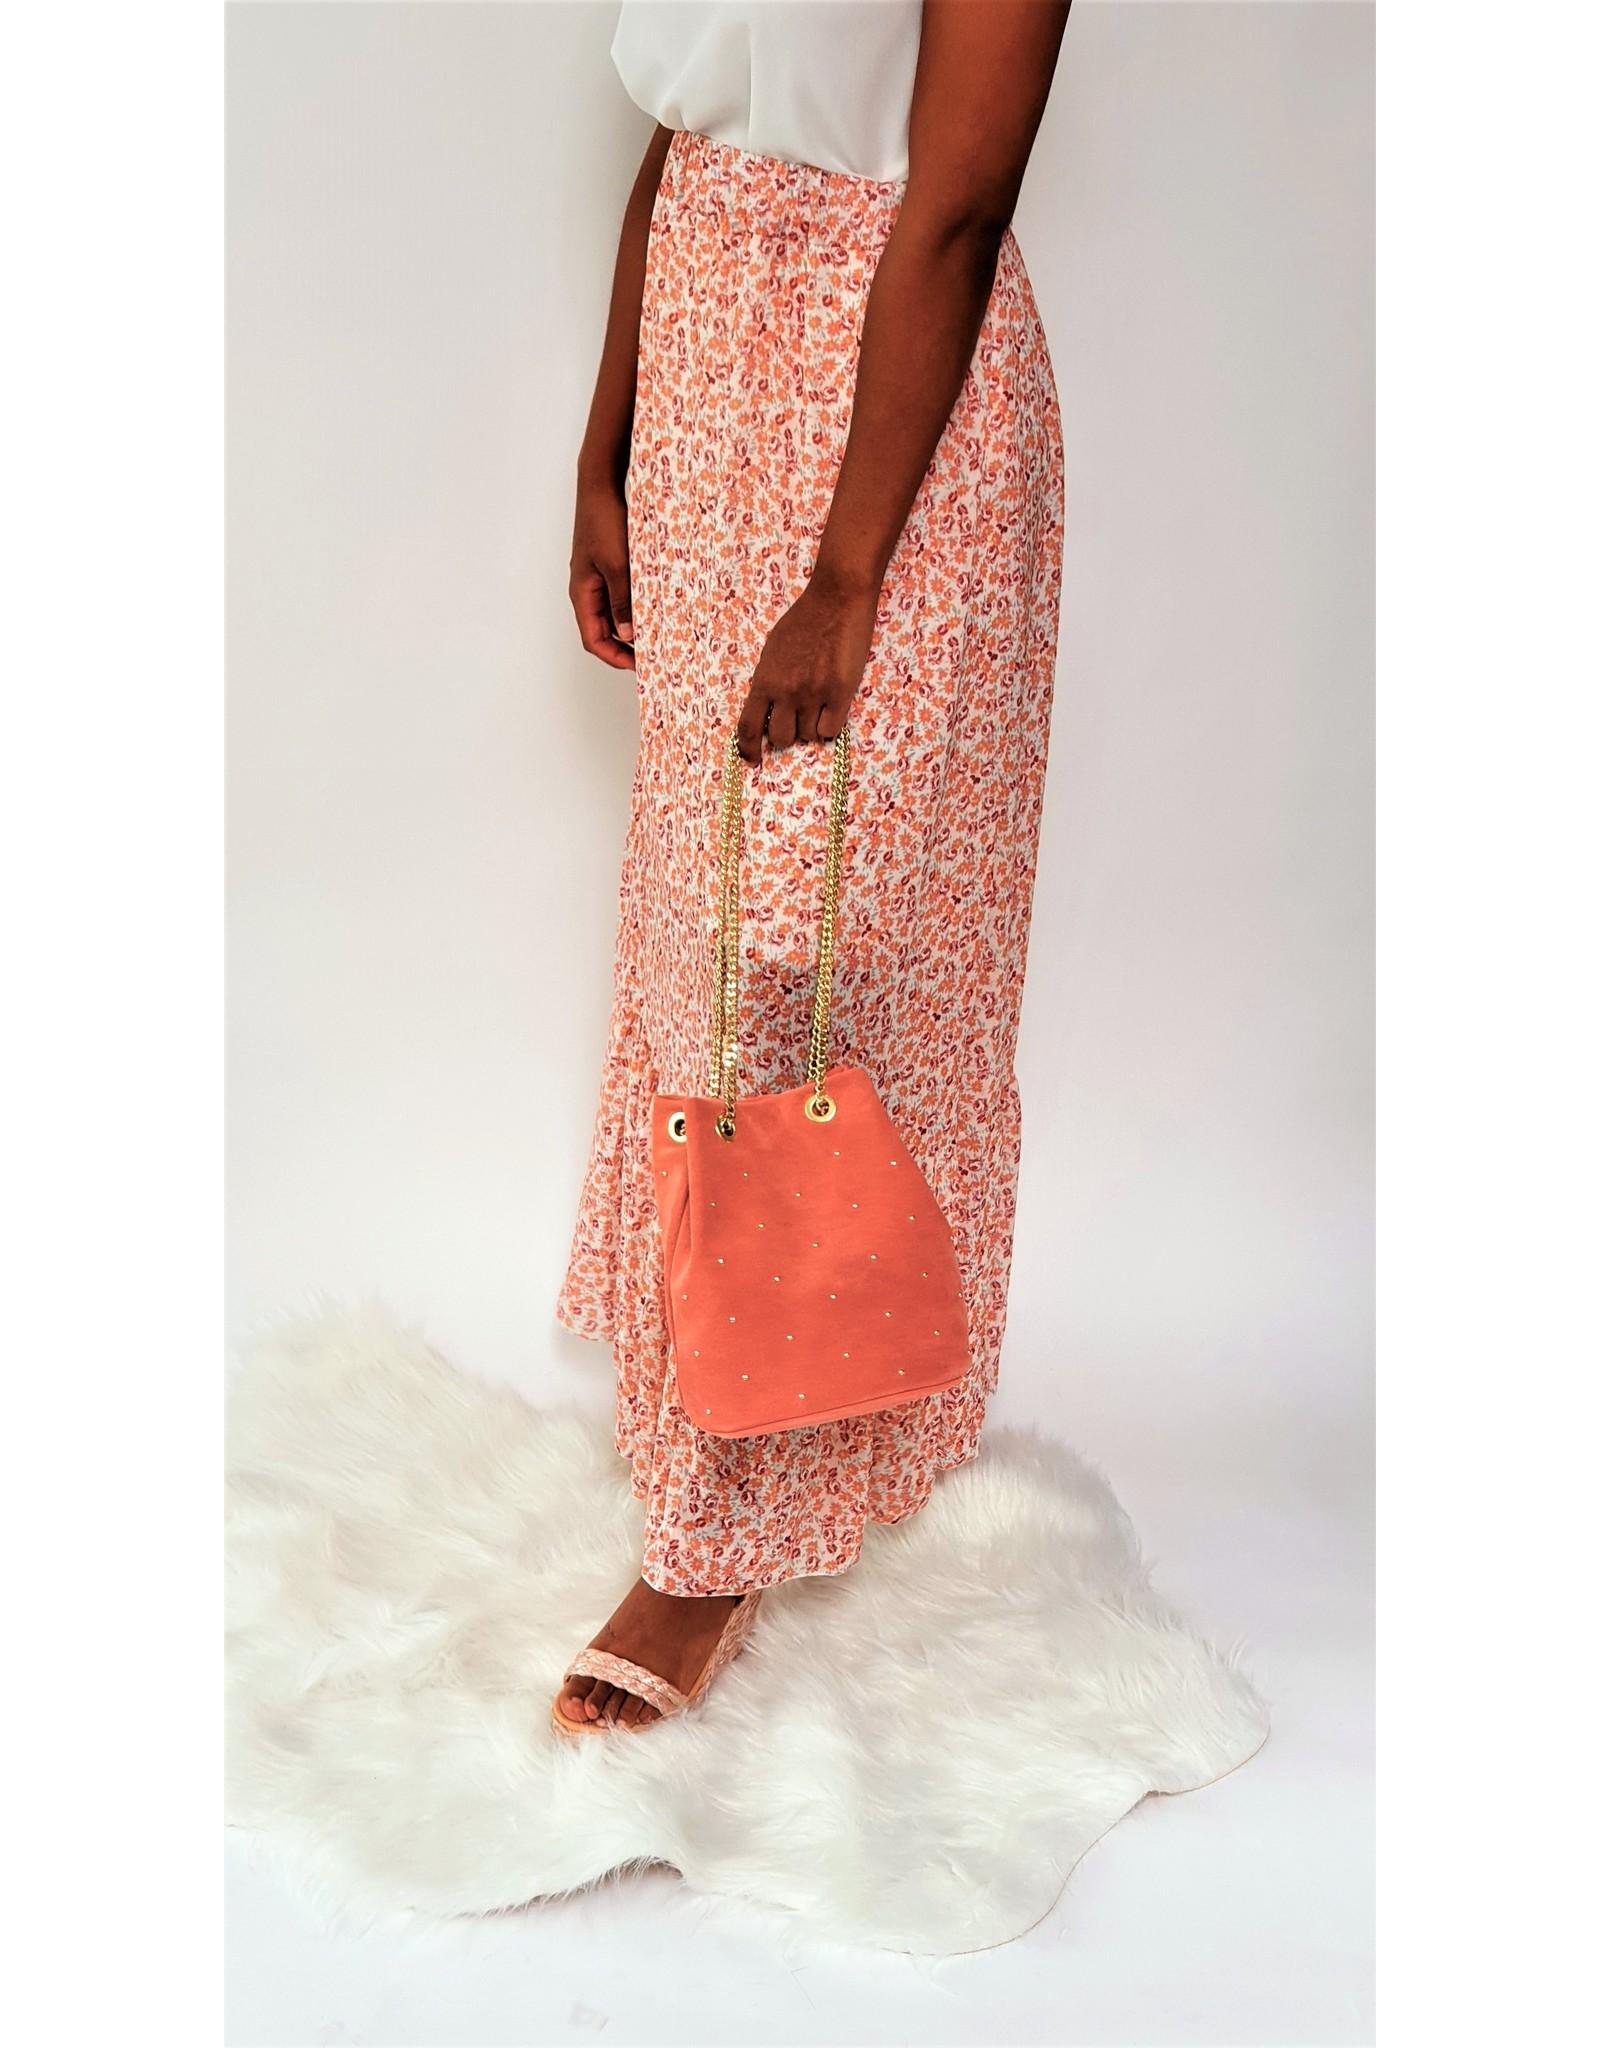 Peachy flower skirt